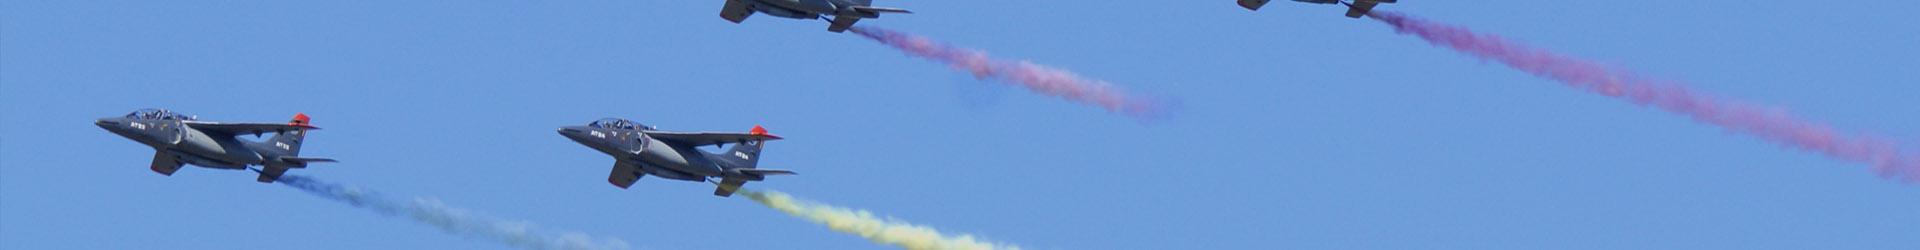 Header links - Belgian Air Force Association